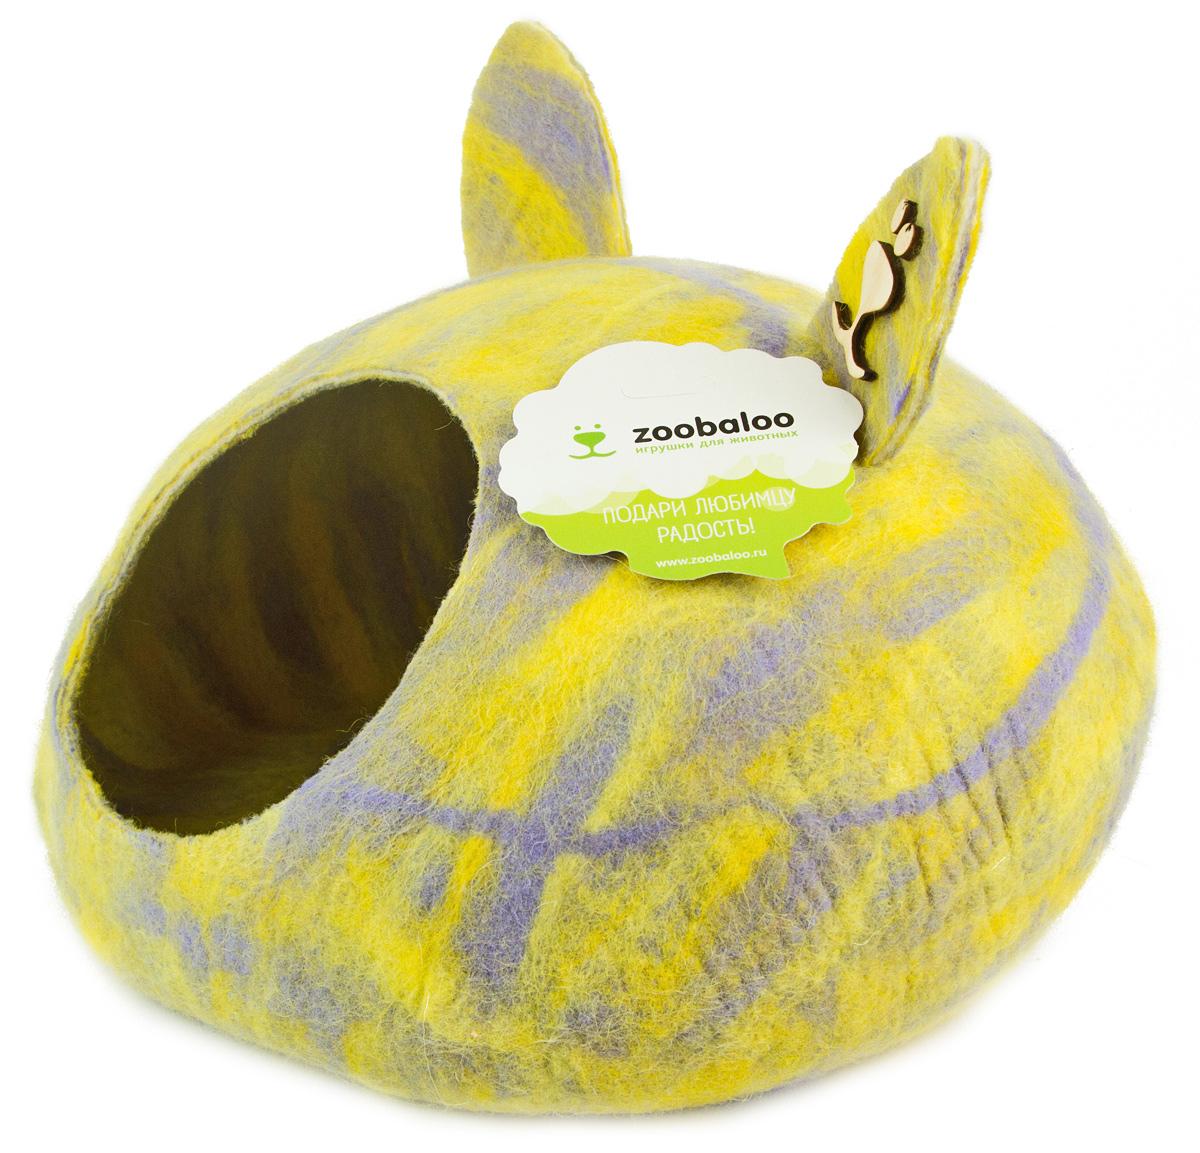 Домик-слипер Zoobaloo WoolPetHouse, размер S, форма круг, с ушками, мультиколор желтый817WoolPetHouse это домики-слиперы! Это невероятное творение наших дизайнеров обещает быть хитом сезона – мы учли все особенности «животного» сна: форма, цвет, материал этих домиков – всё подобрано как нельзя лучше! В них ваши любимцы будут видеть только цветные сны, а комфорту и благодарности не будет предела! Природа позаботилась обо всем – стопроцентная шерсть мериноса обеспечит превосходный микроклимат внутри домика, а его форма позволит питомцу засыпать в самой естественной позе. Ваши питомцы уютно обустроятся в наших домиках! Так как изделие выполнено из шерсти, советуем использовать сухую чистку, в местах сильных загрязнений можно воспользоваться губкой или щеткой с мылом. Для того, чтобы домик прослужил максимально долго, для маленьких котят и щенков рекомендуем застилать домик изнутри специальной впитывающей пеленкой.